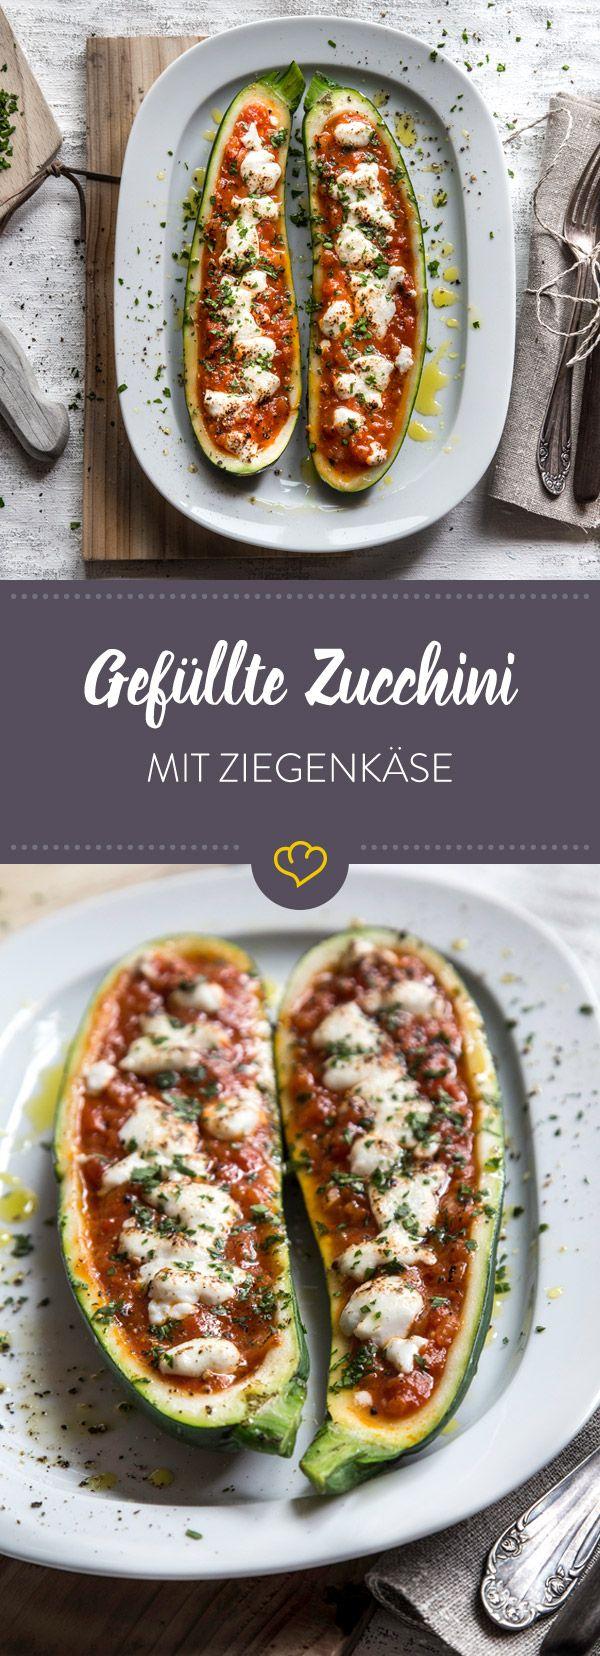 Gefüllte Zucchini mit Tomatensauce und Ziegenkäse #lowcarbveggies